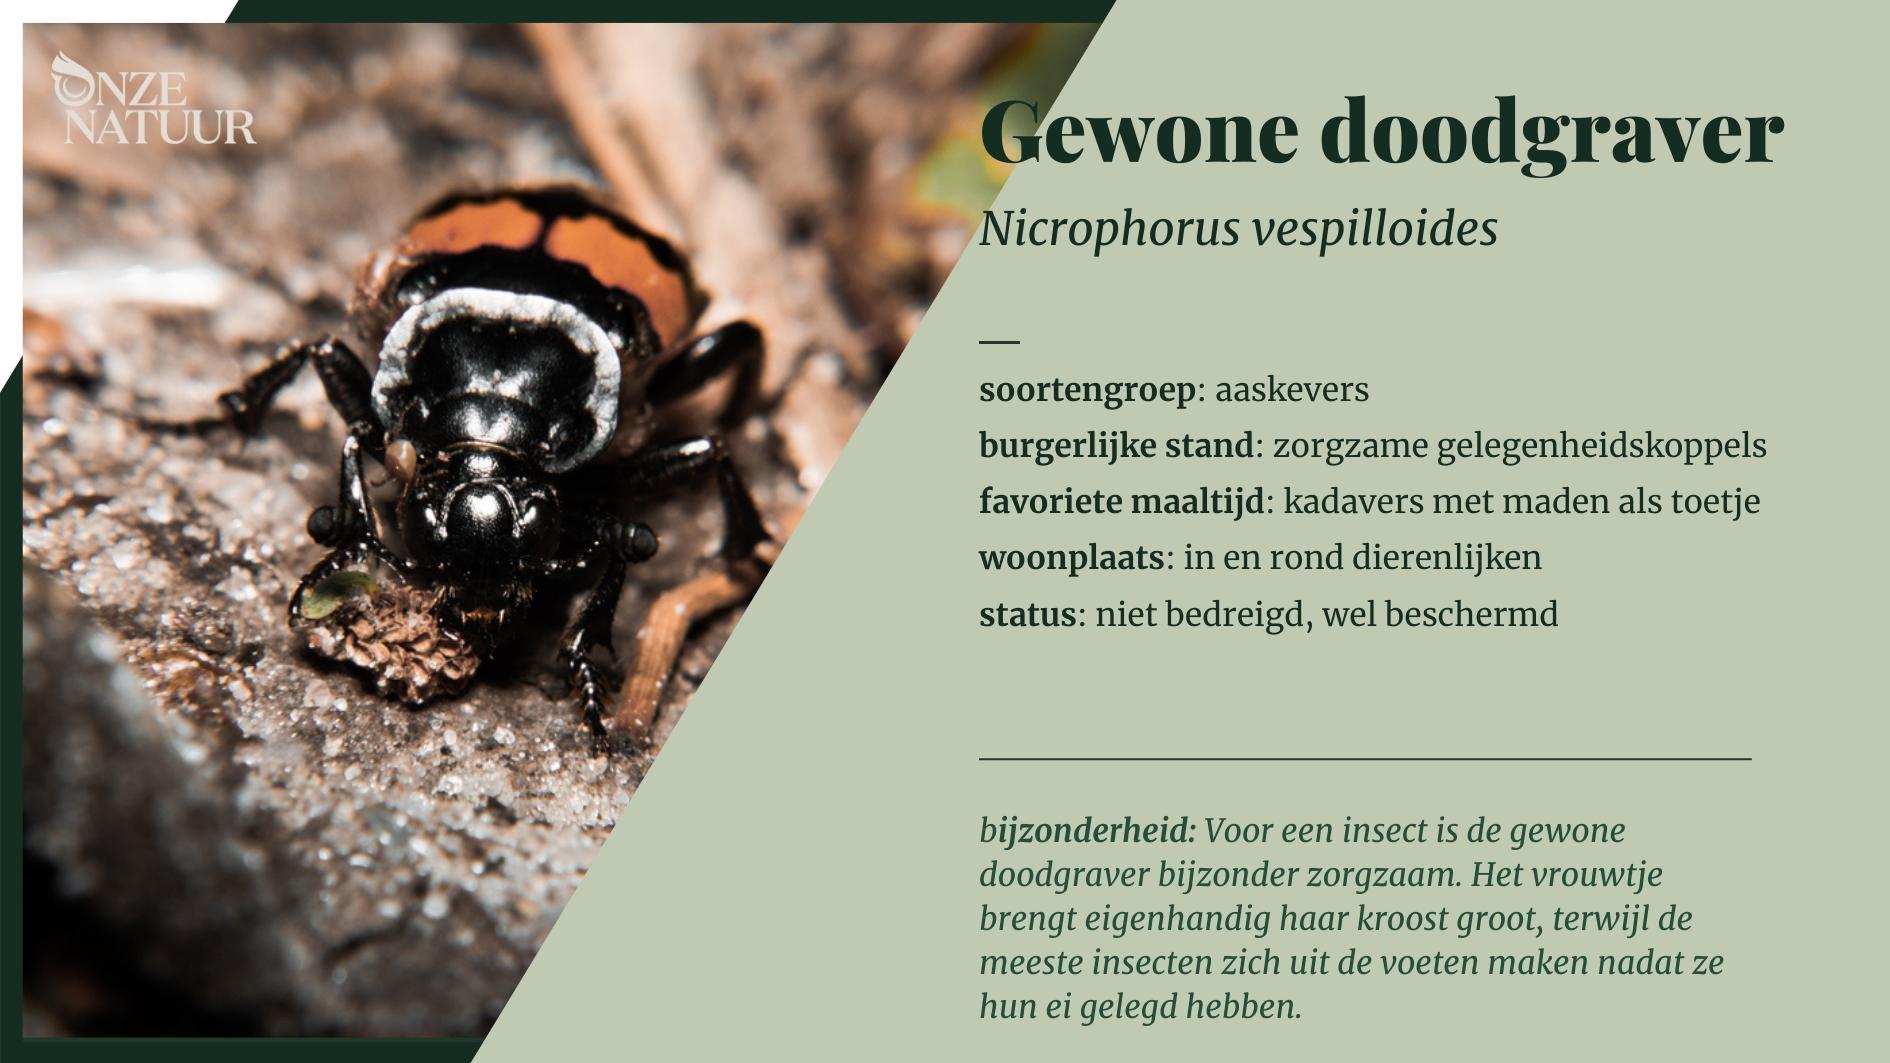 soortenfiche-gewone-doodgraver.png